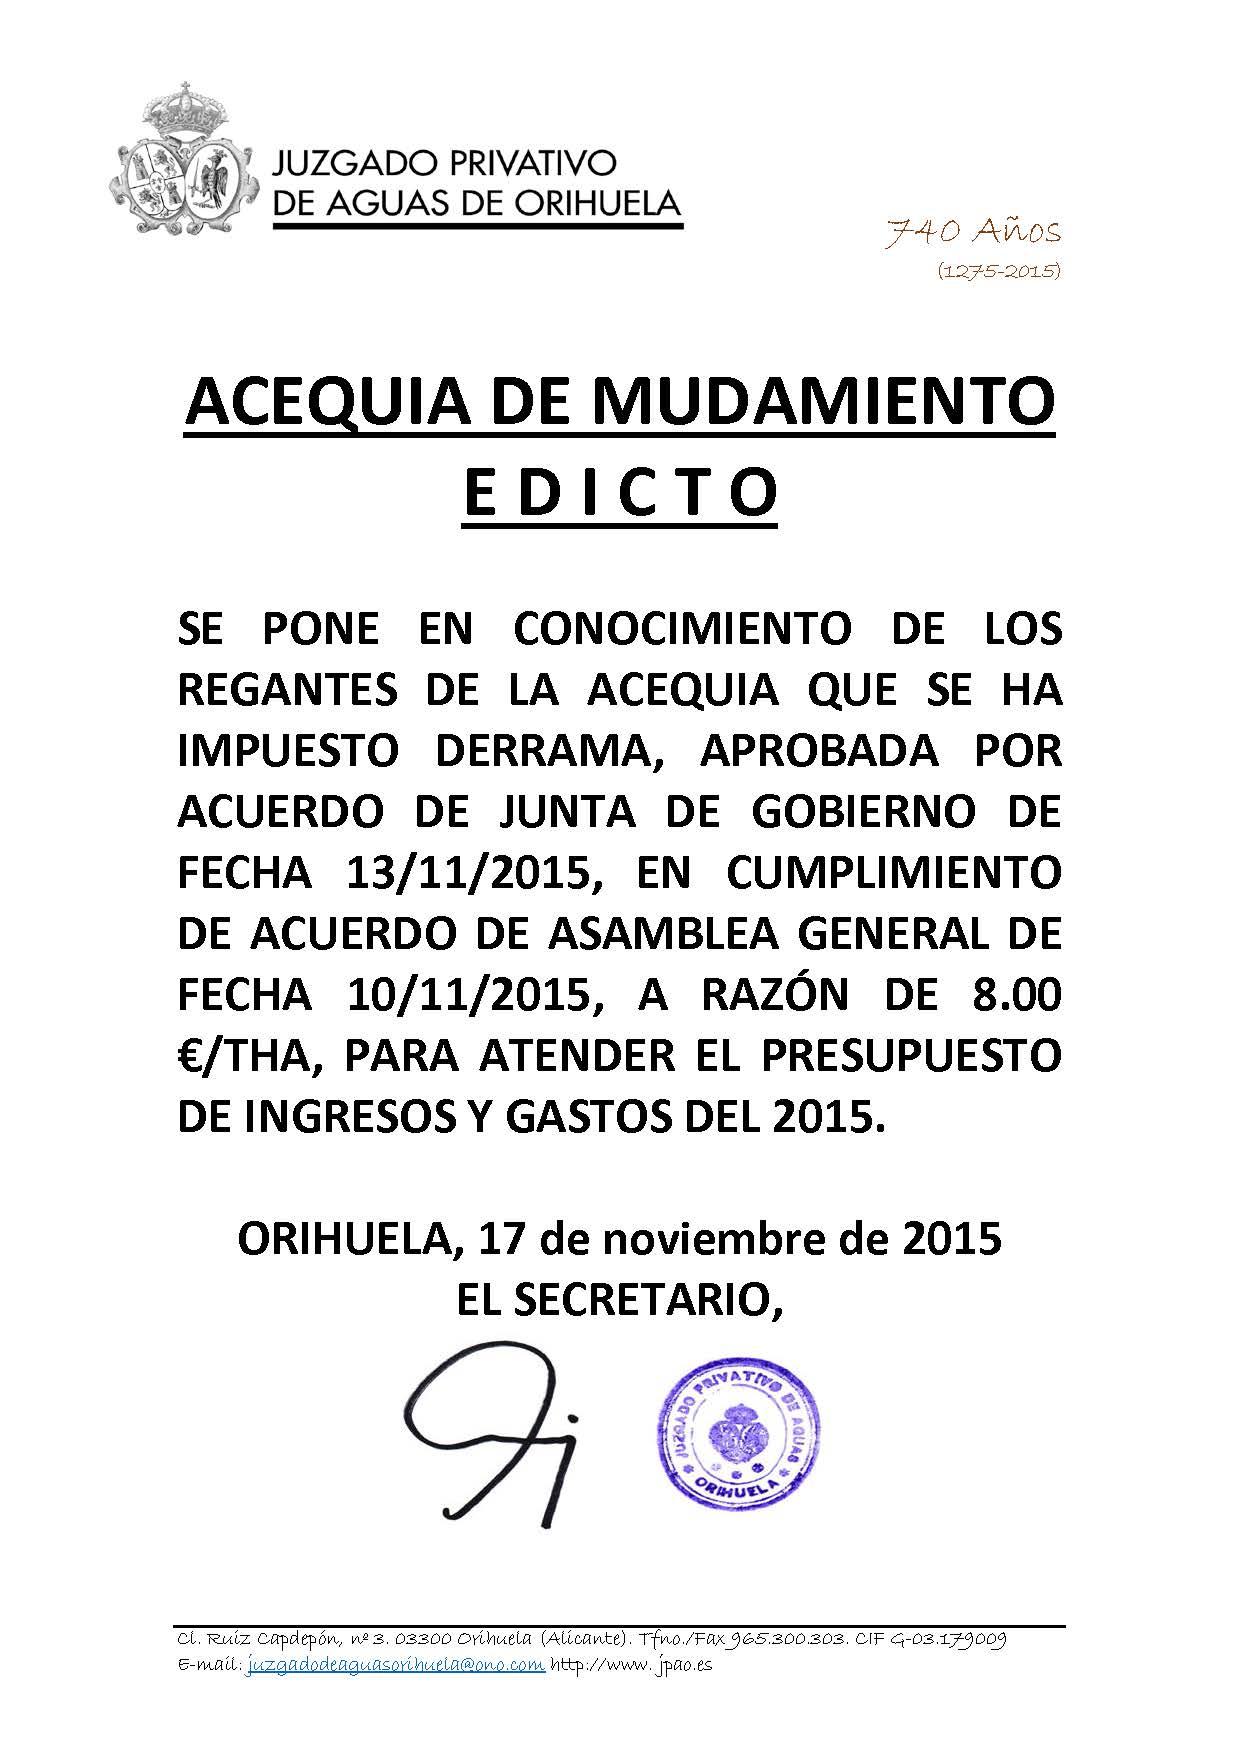 174 2015 ACEQUIA DEL MUDAMIENTO. edicto imposicion derrama